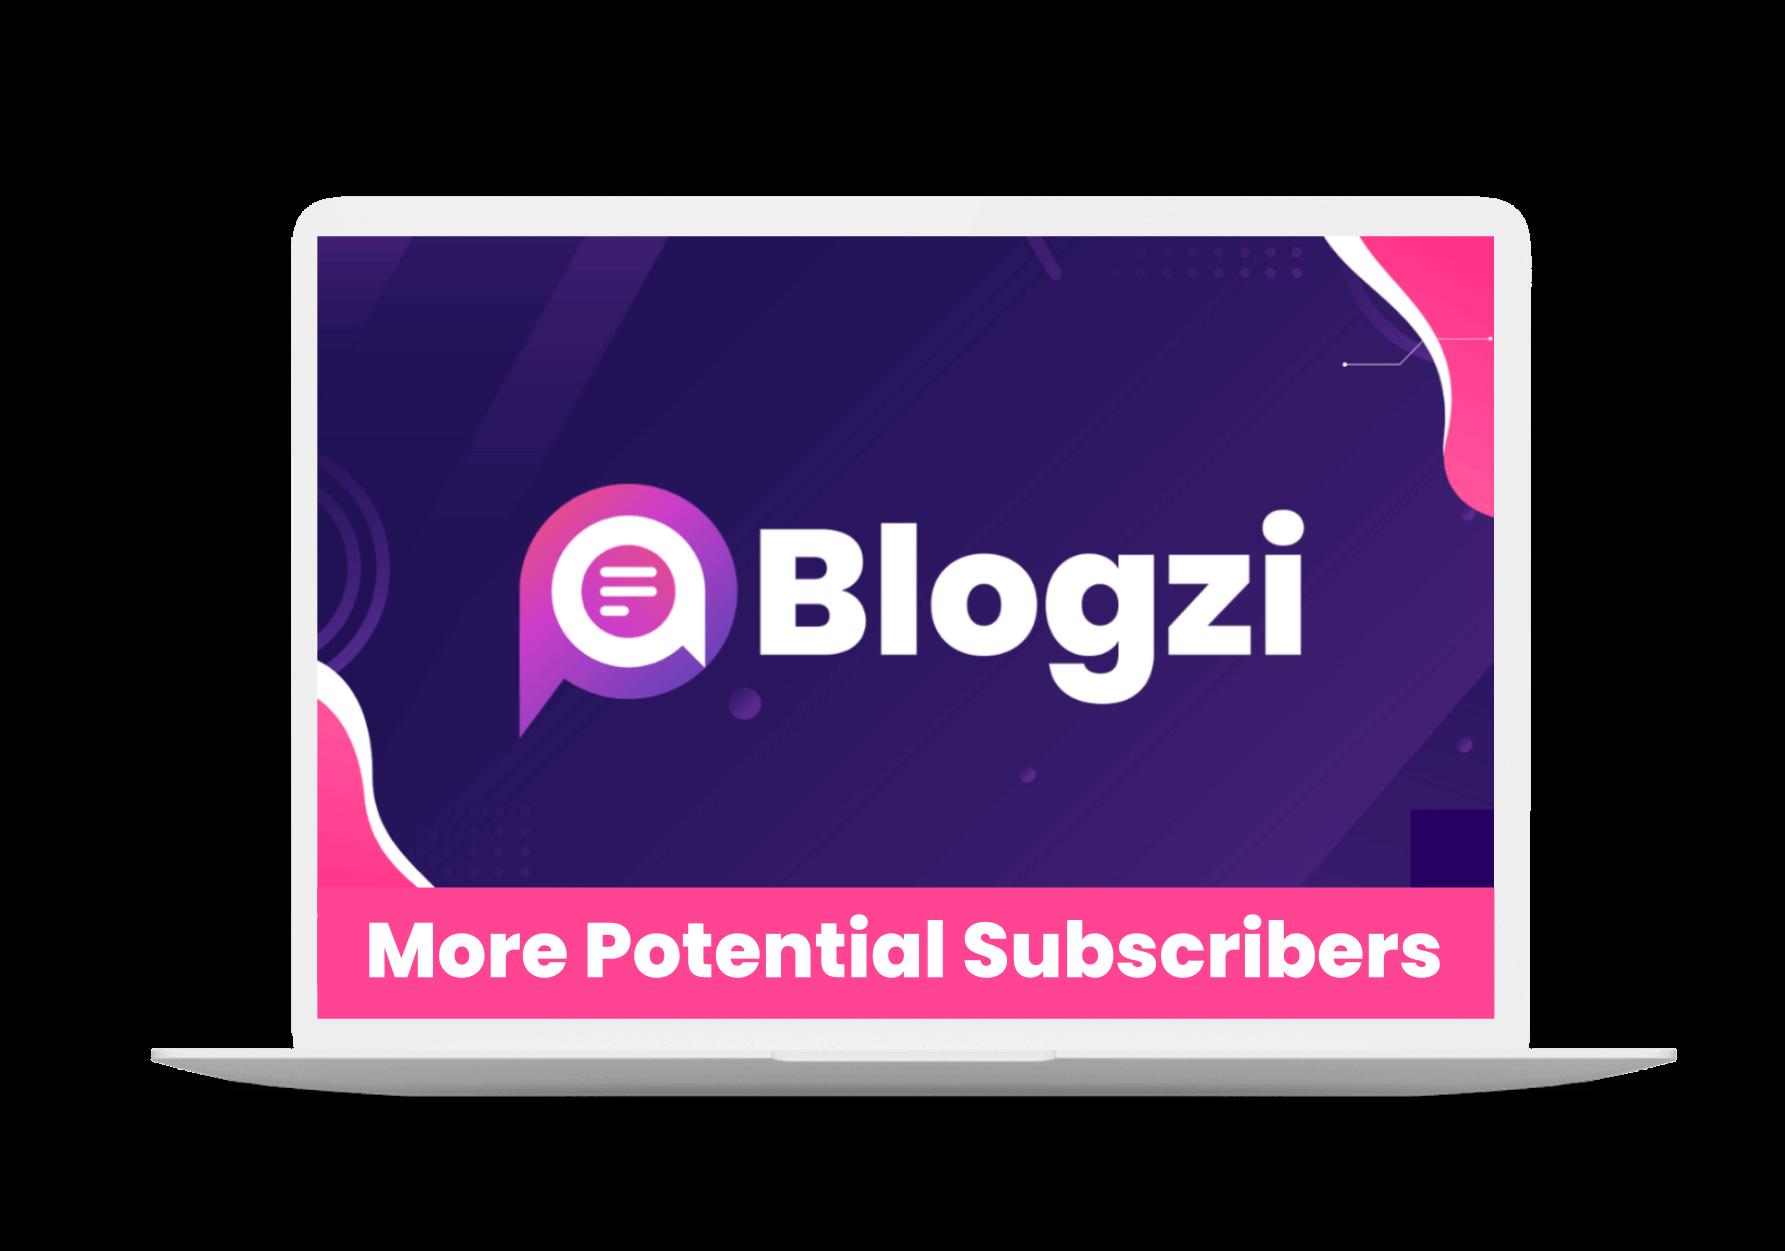 Blogzi-feature-8